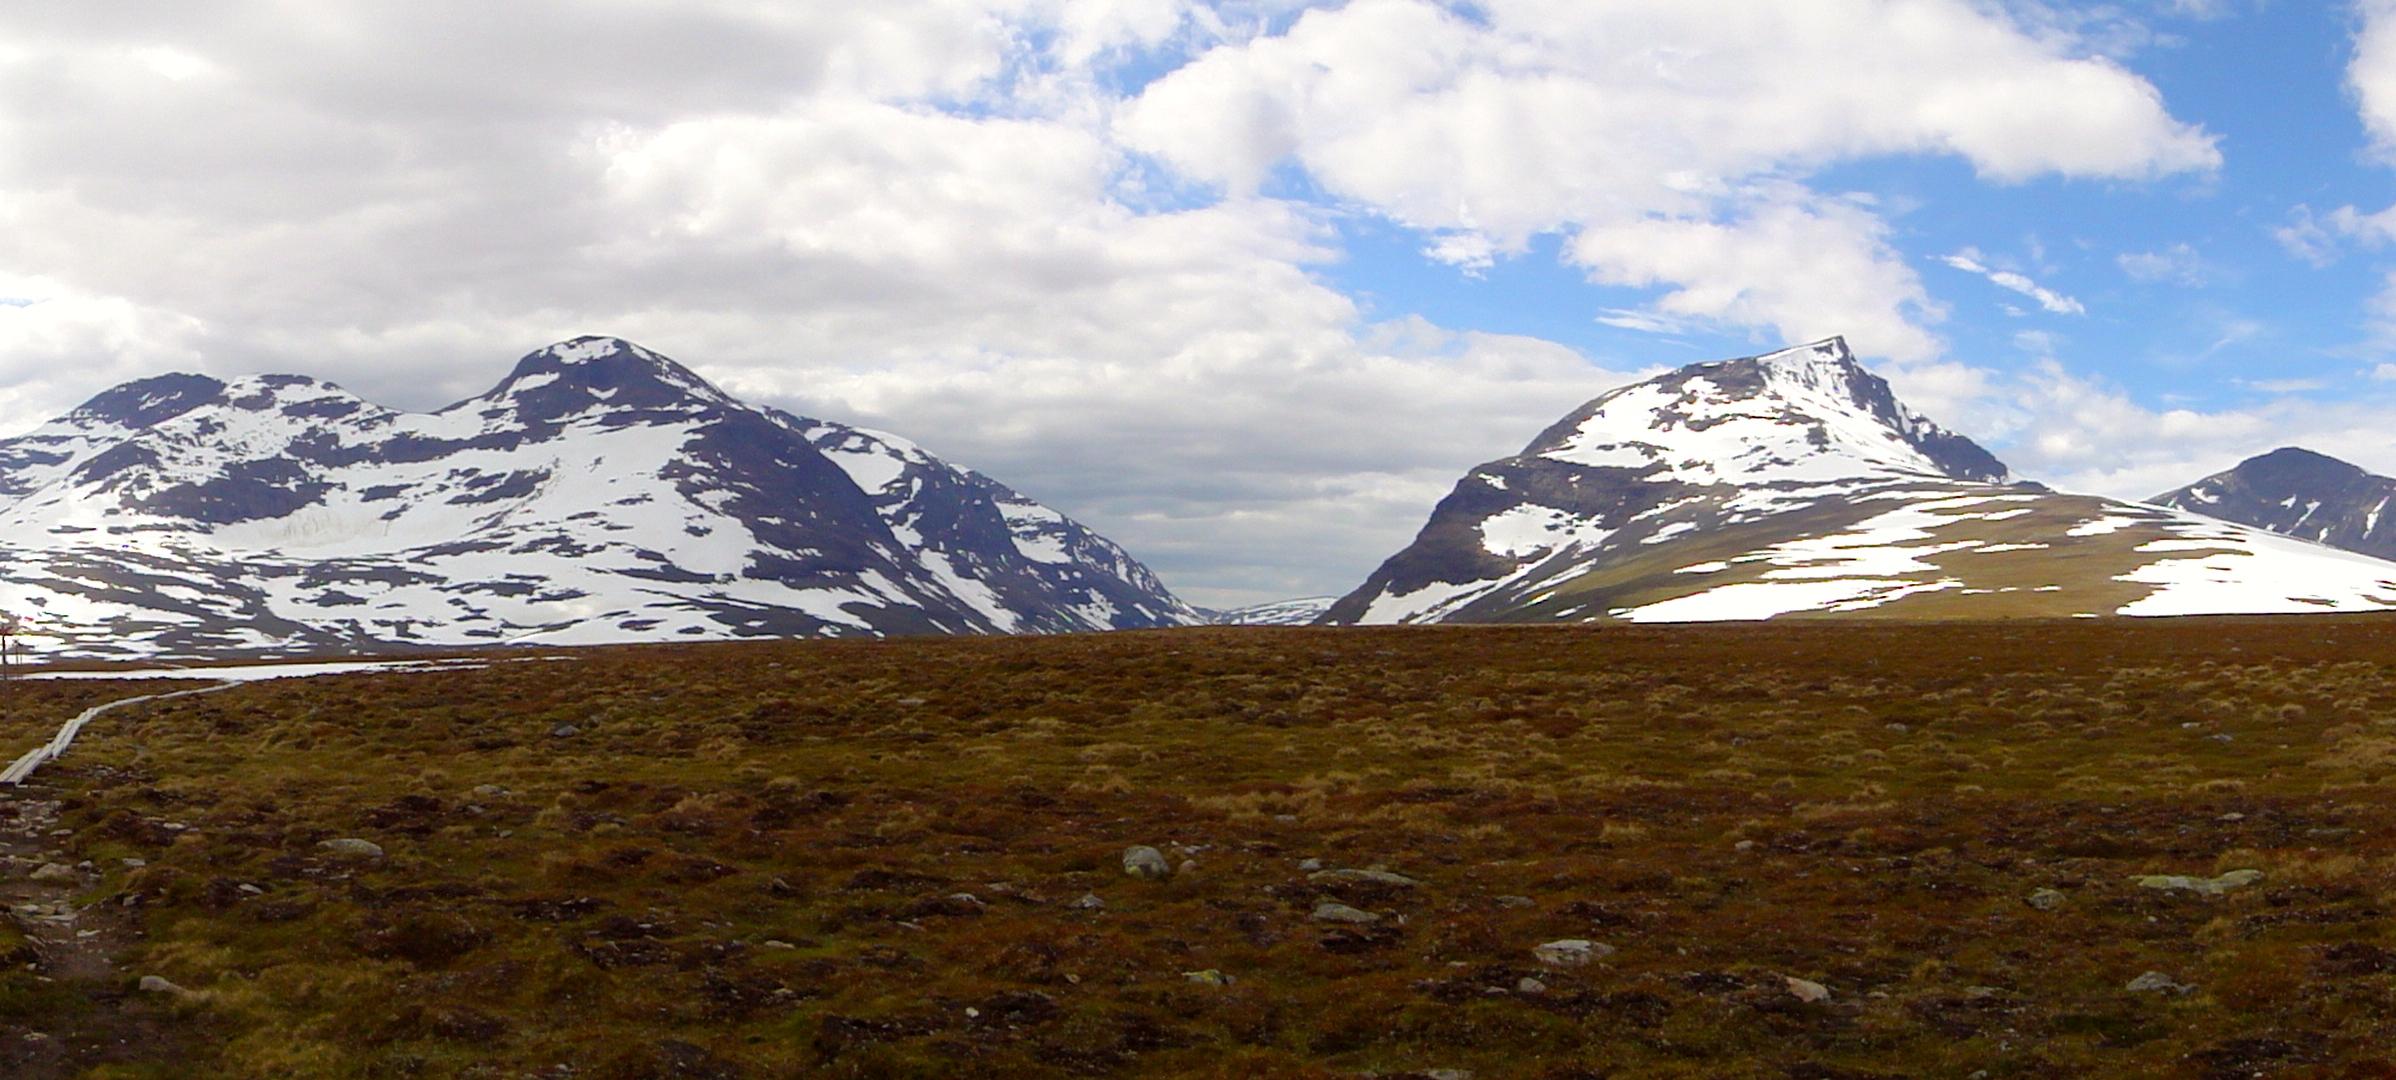 Syterpasset med Södra Sytertoppen 1685m till vänster och Norra Sytertoppen 1768m till höger. Foto: Mattias Skantz